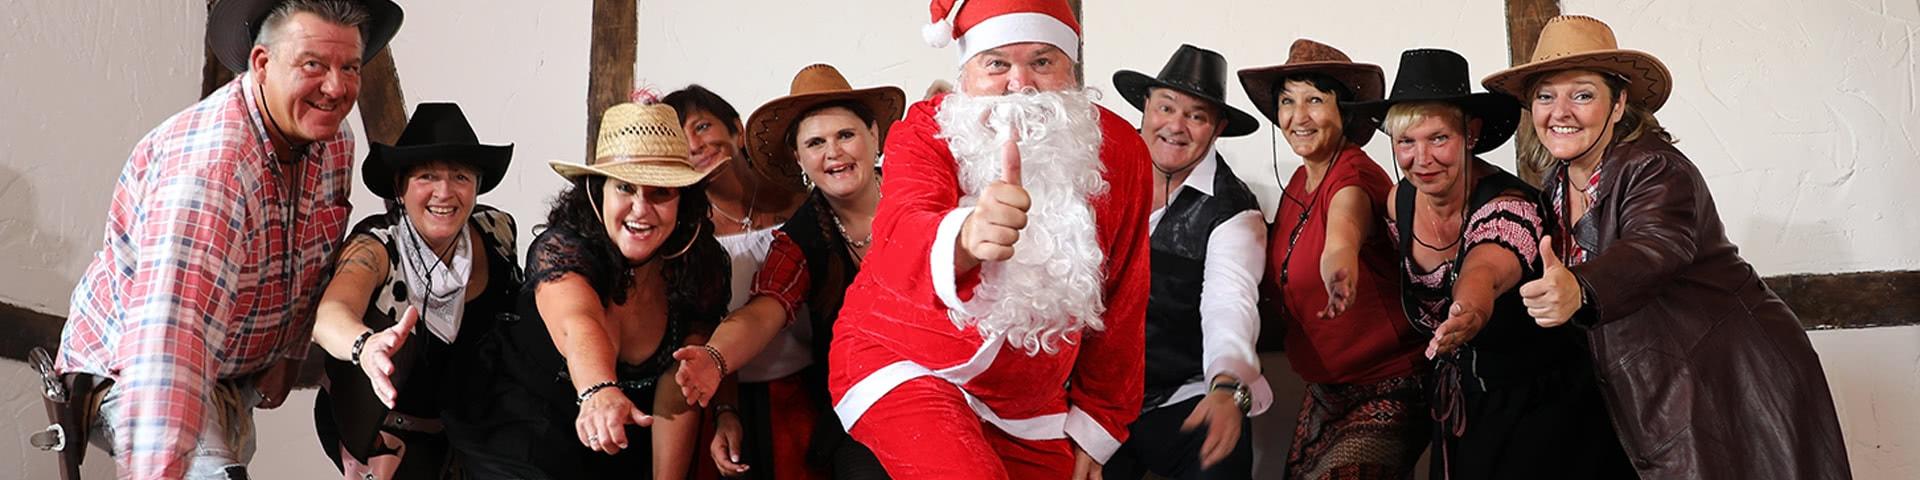 Wild-West-Gruppe mit Weihnachtsmann im Wangerland